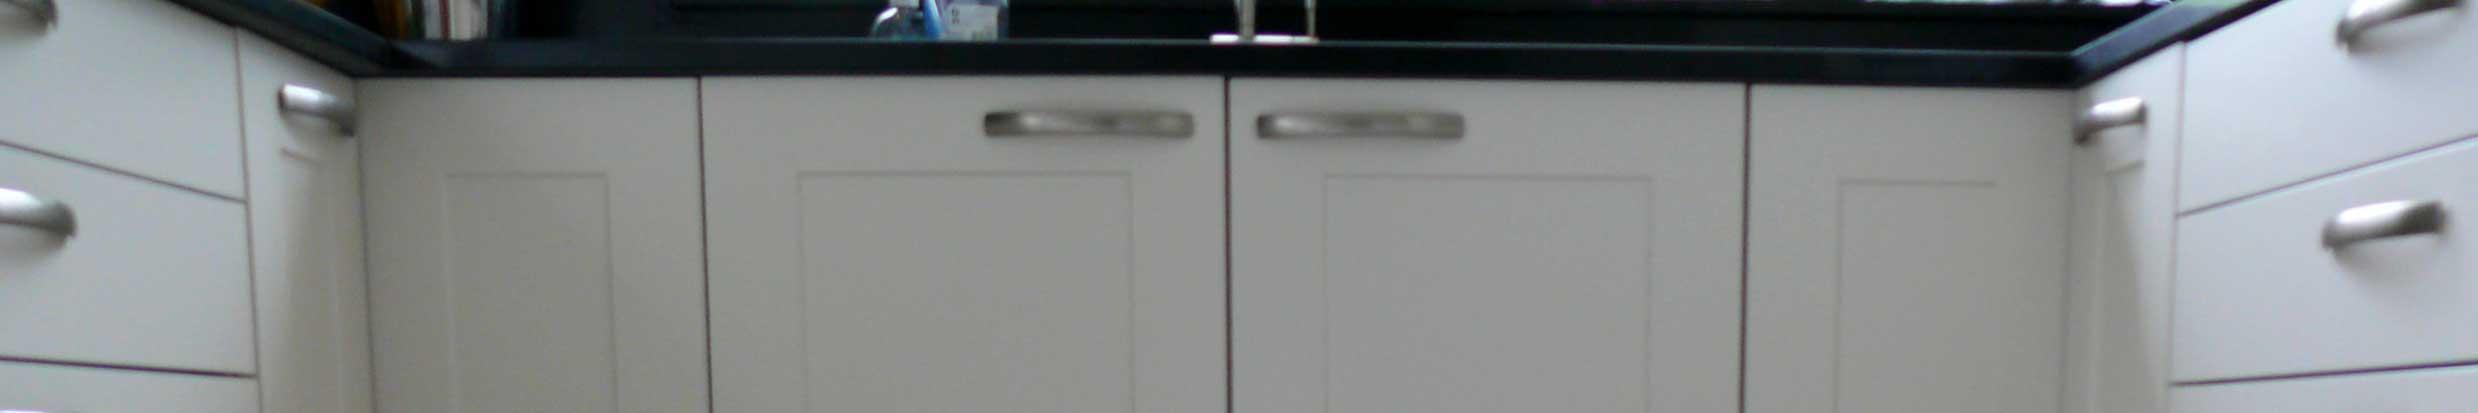 Keuken Op Maat Laten Maken Kosten : Keukenkast – Mijn Kasten op Maat